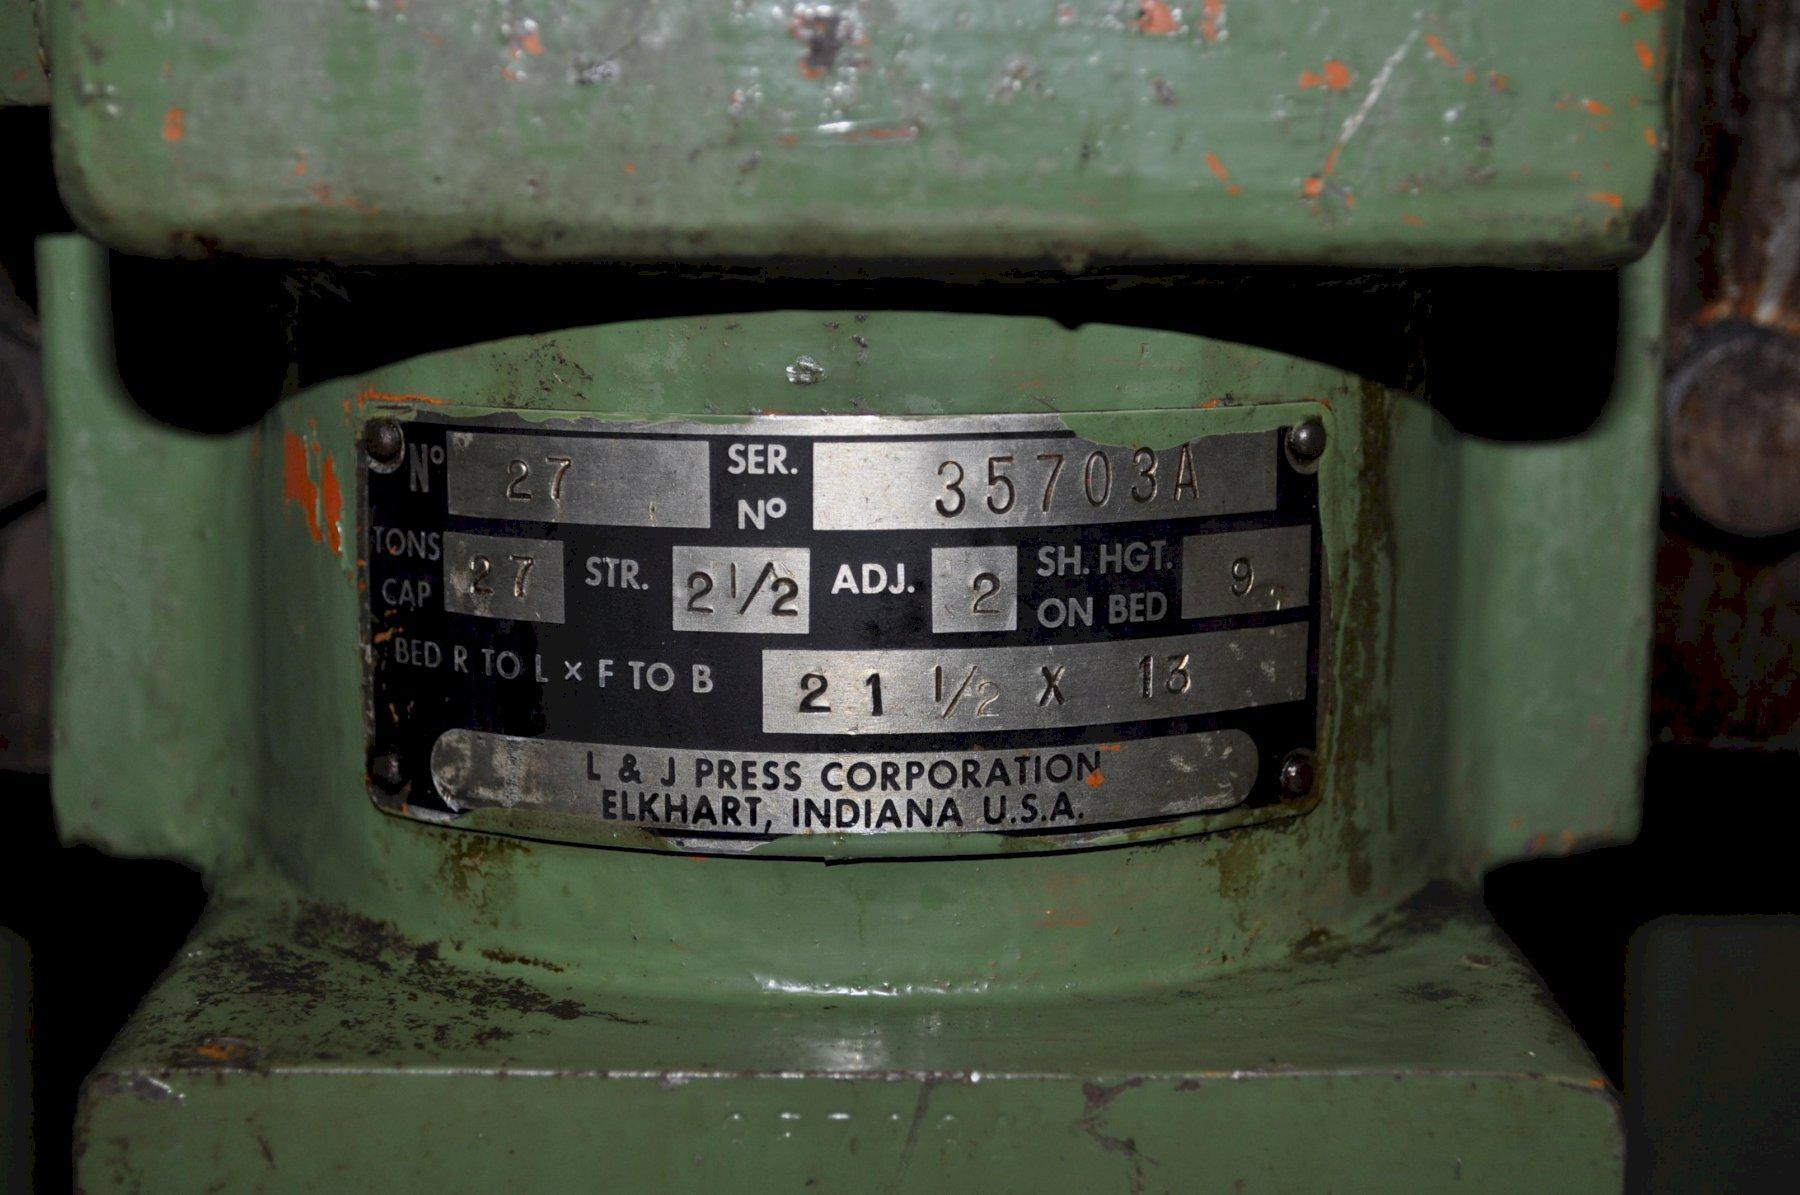 27 Ton L & J OBI PRESS